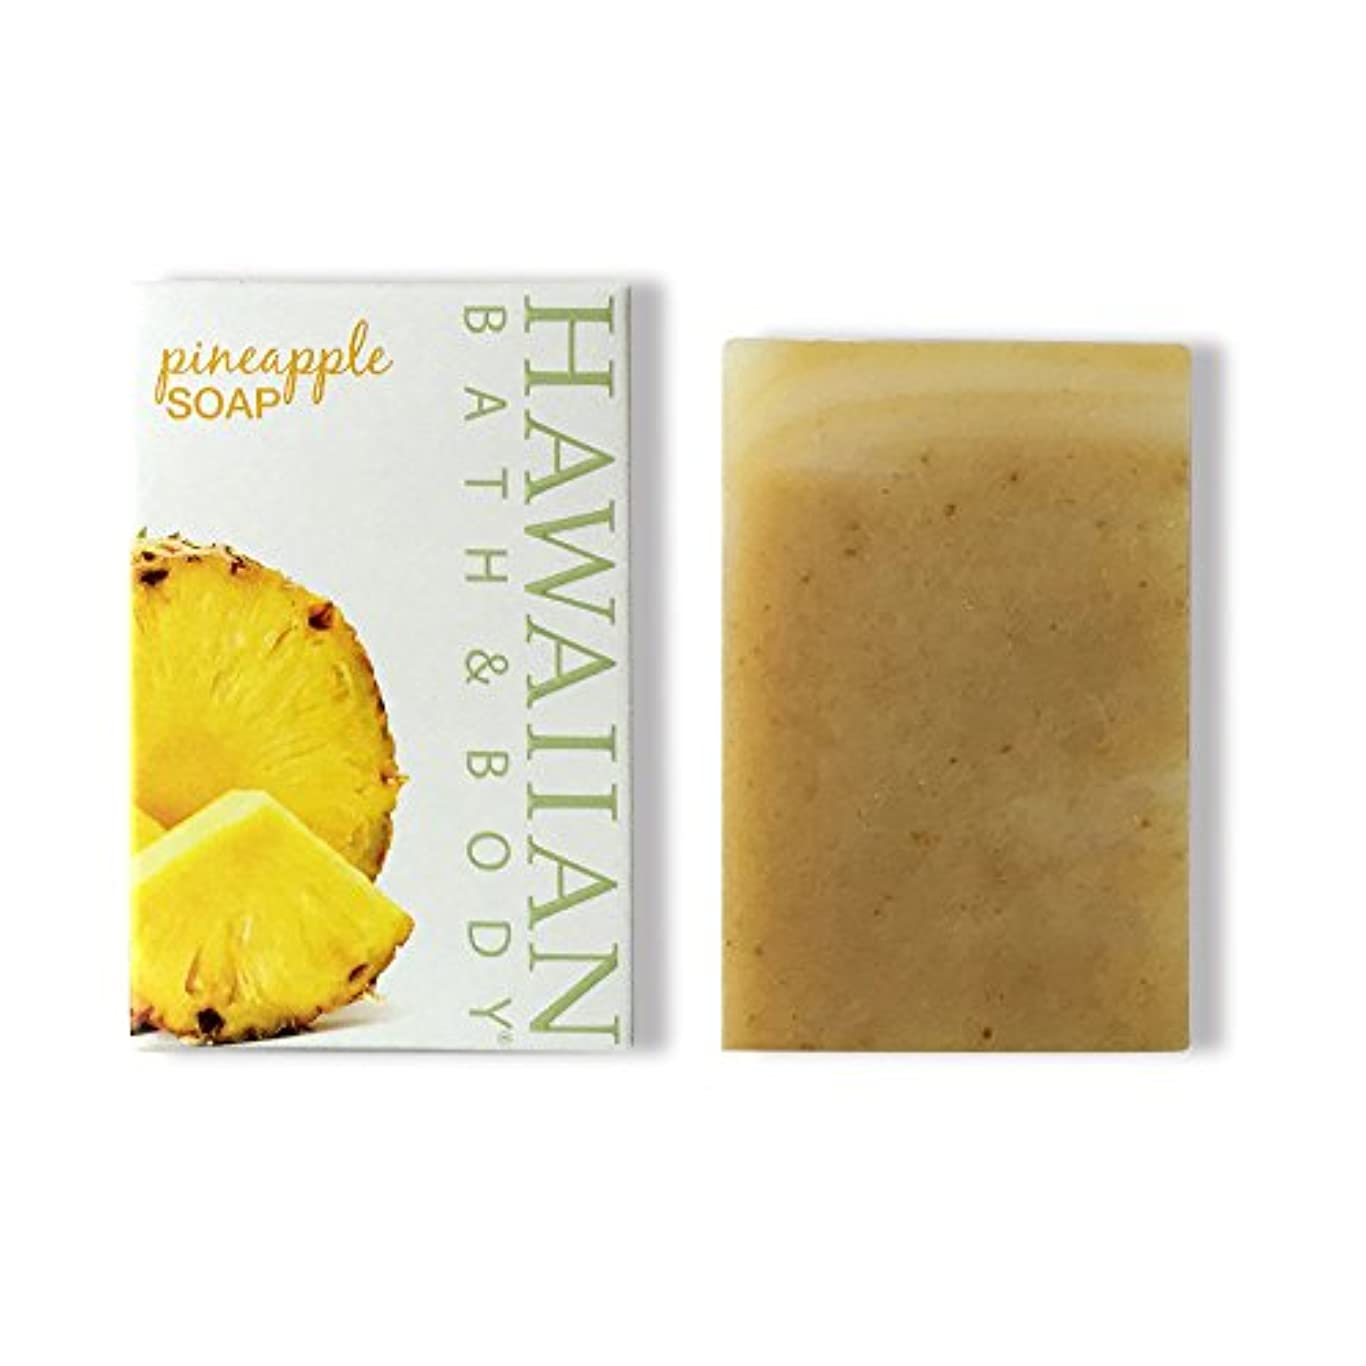 ホイール海洋の検索エンジン最適化ハワイアンバス&ボディ ハワイ?パイナップルソープ ( Pineapple Soap )